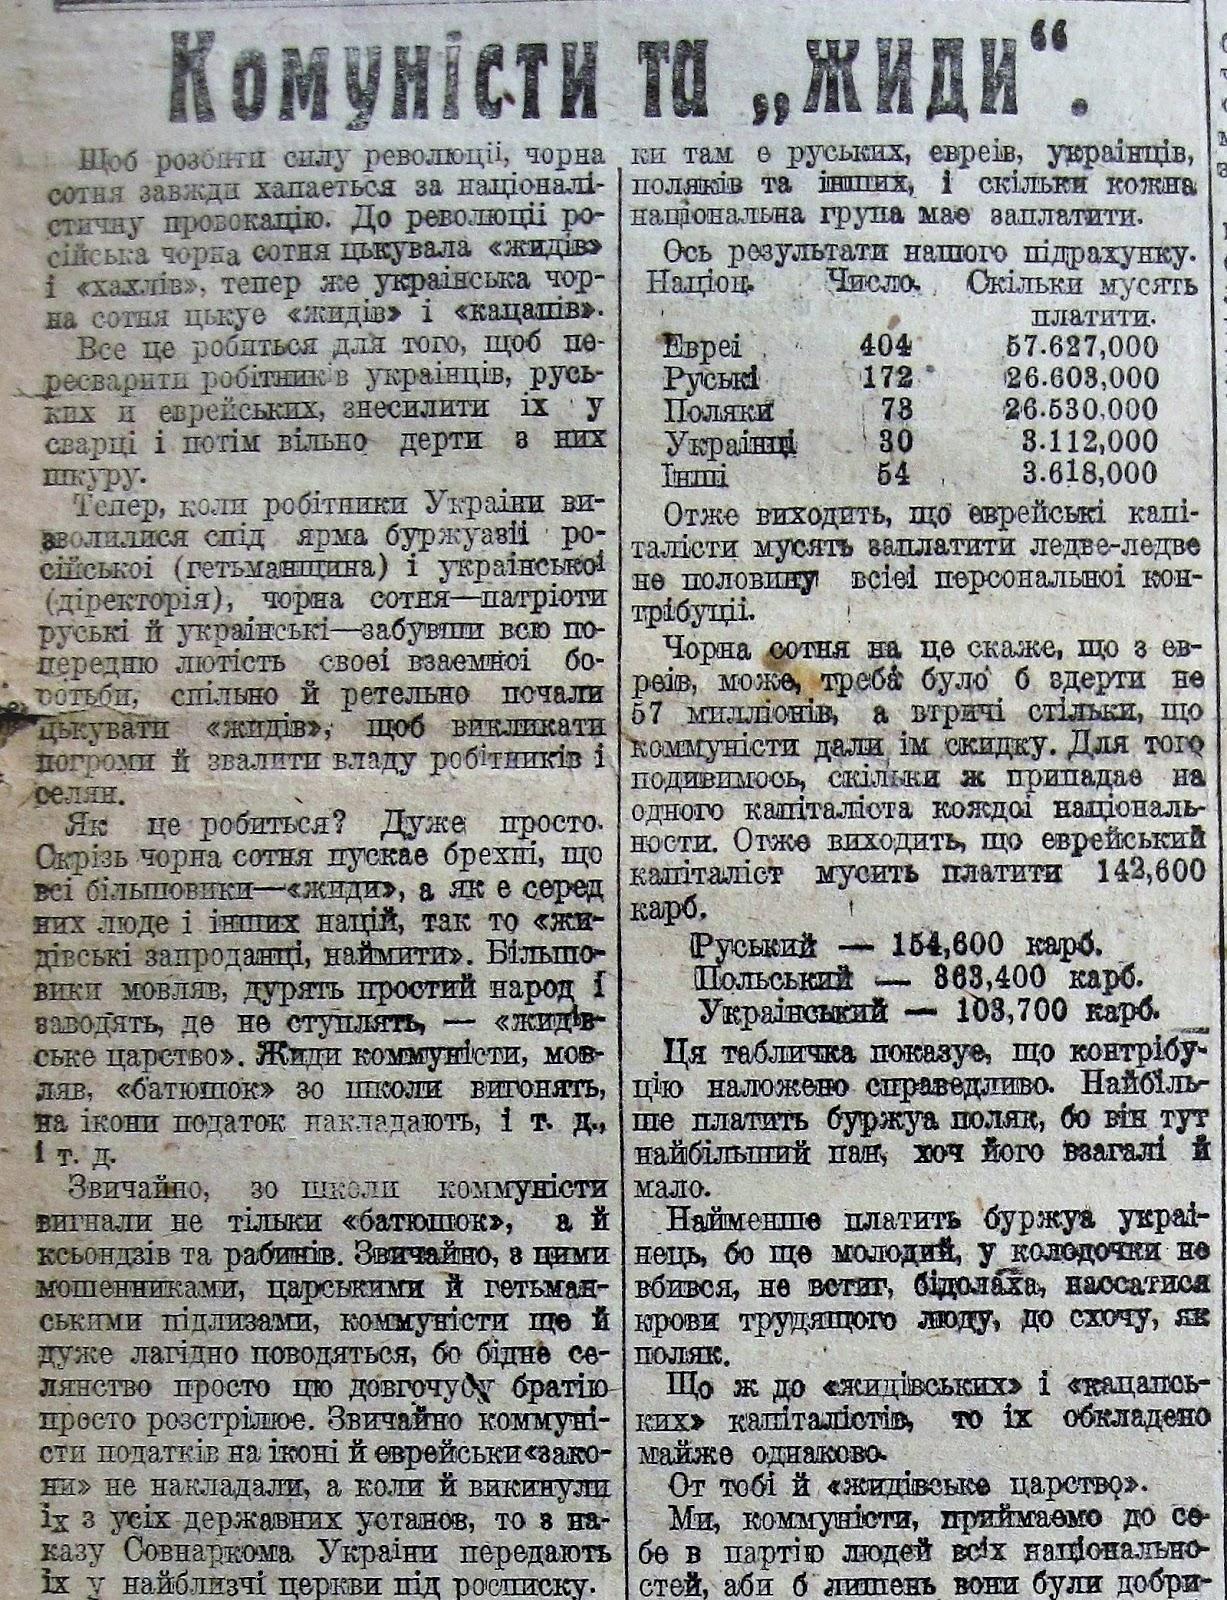 """""""Київський коммуніст"""", 5 березня 1919-го"""